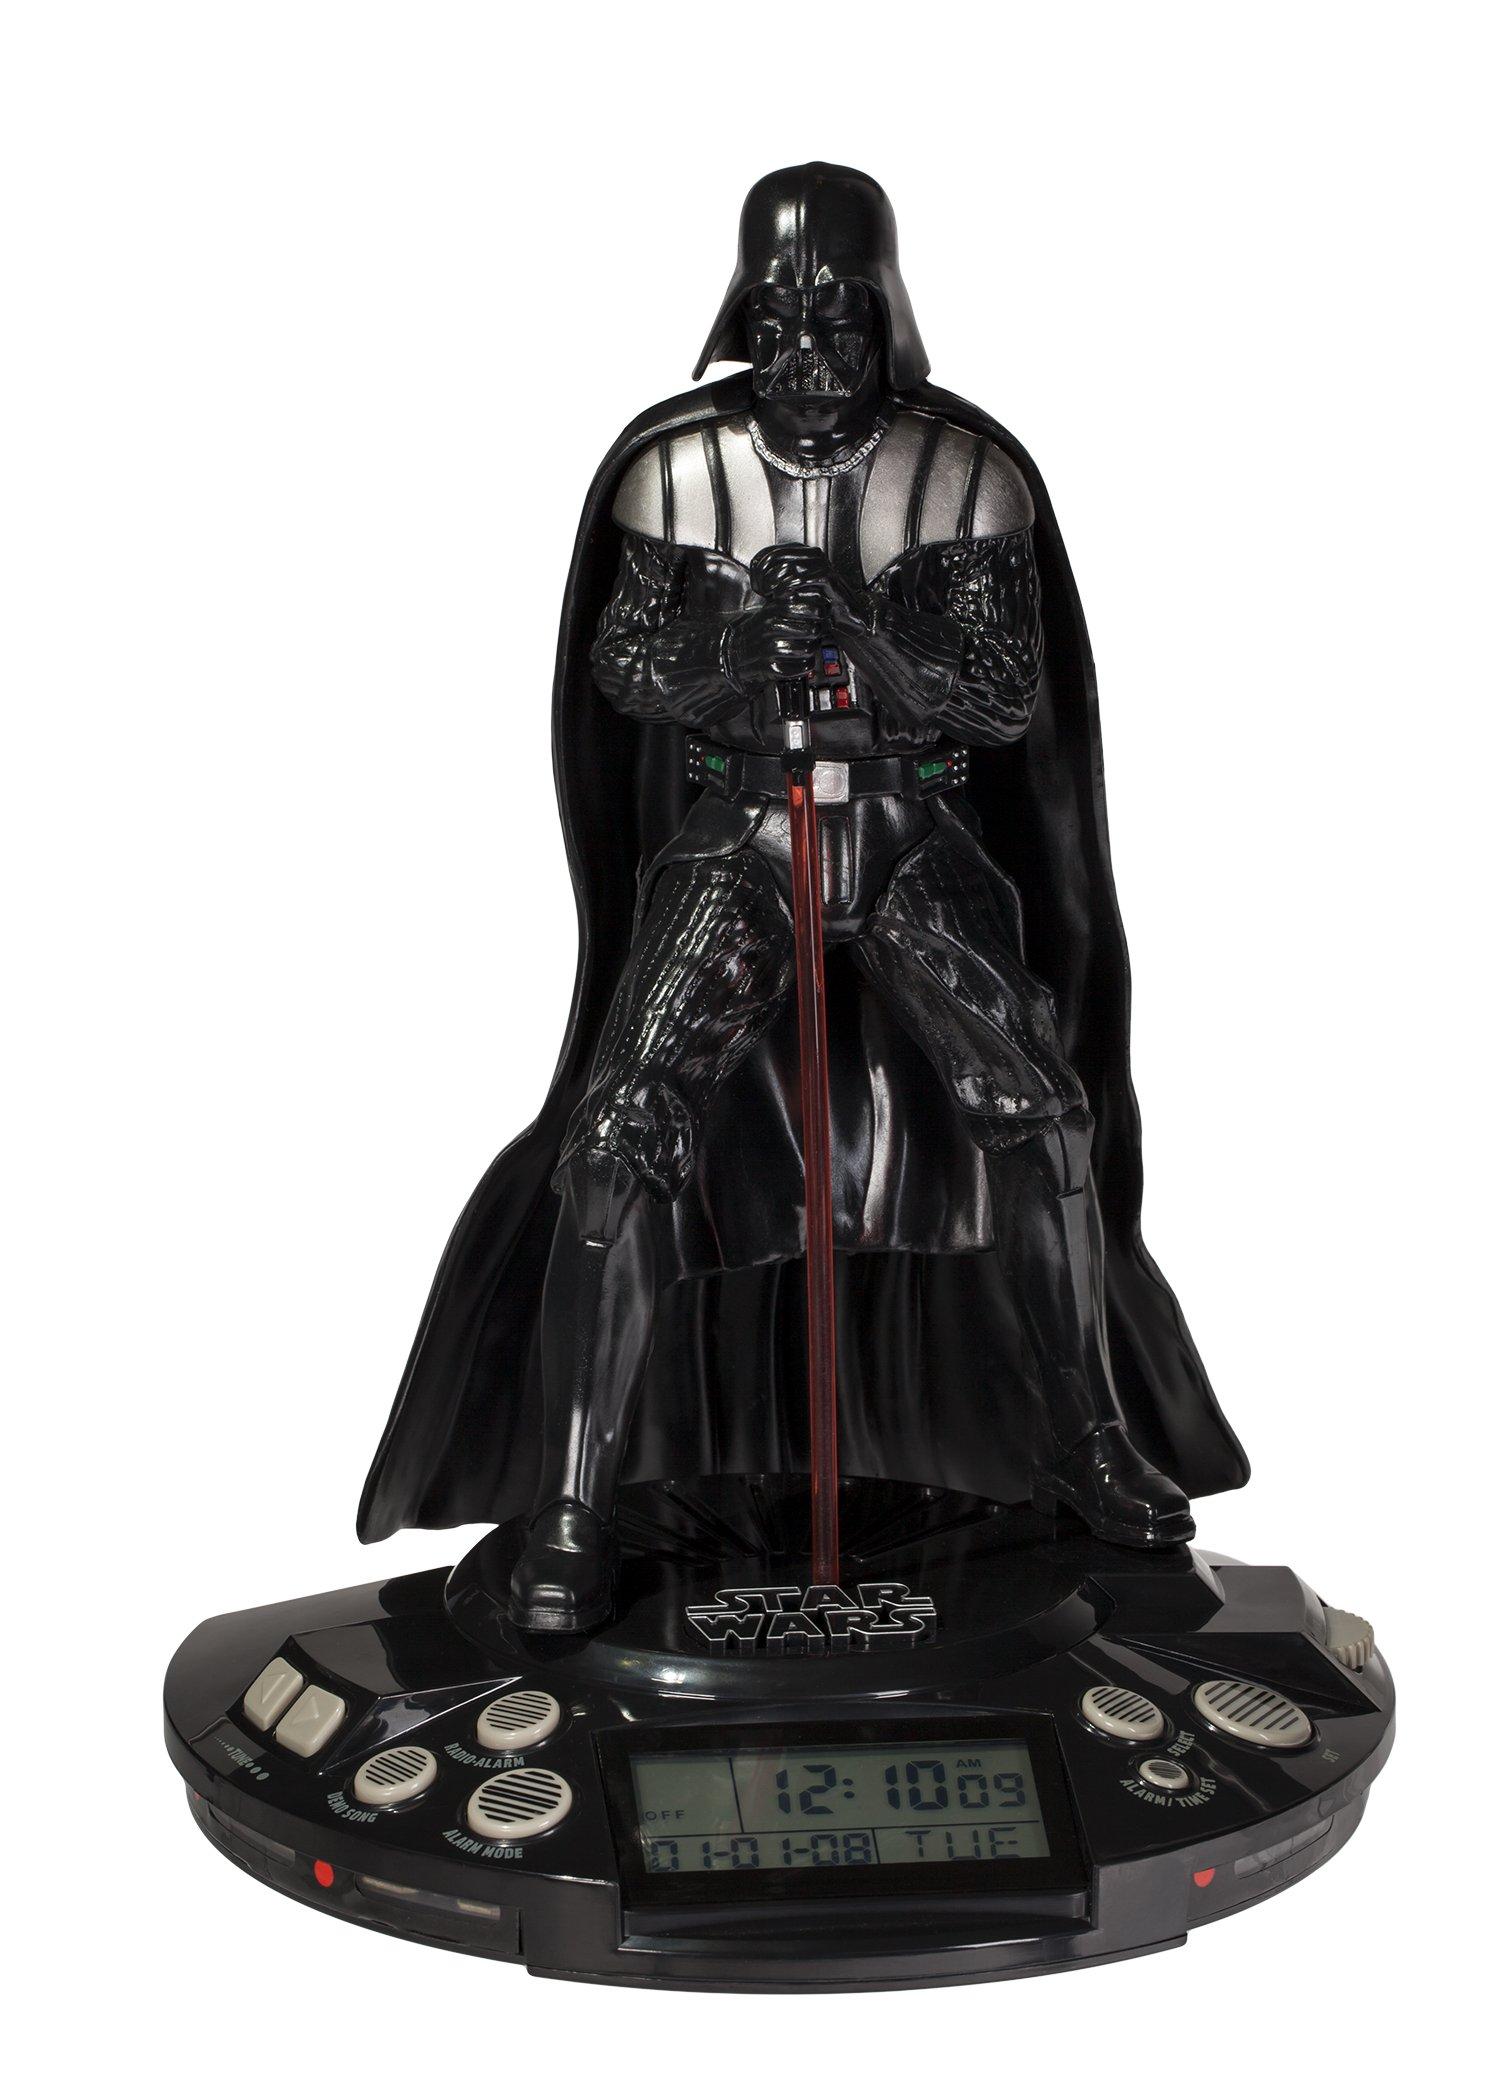 Star Wars Darth Vader Alarm Clock by Star Wars